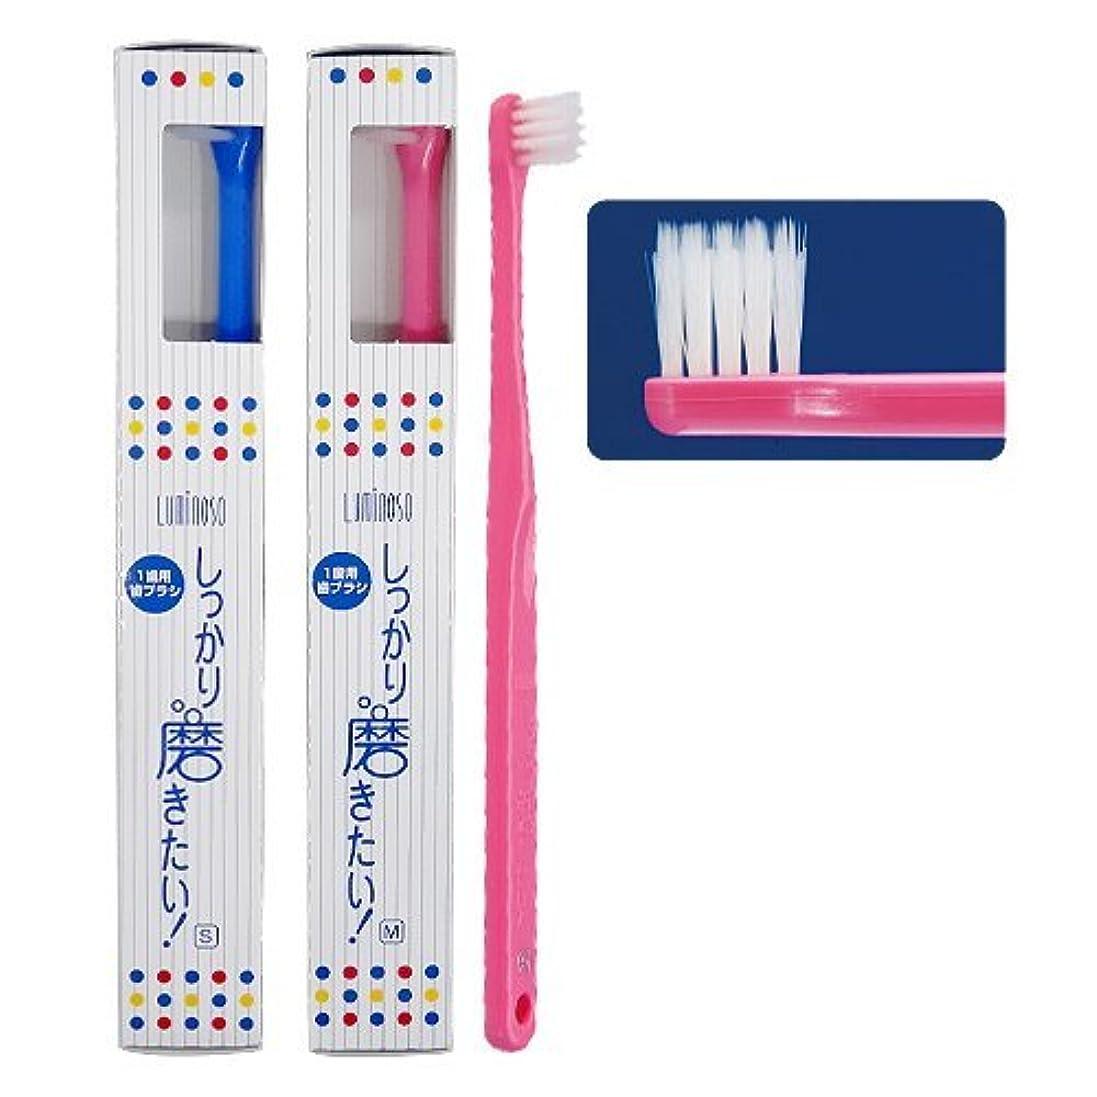 店員海里団結するルミノソ 1歯用歯ブラシ「しっかり磨きたい!」スタンダード ソフト (カラー指定不可) 5本